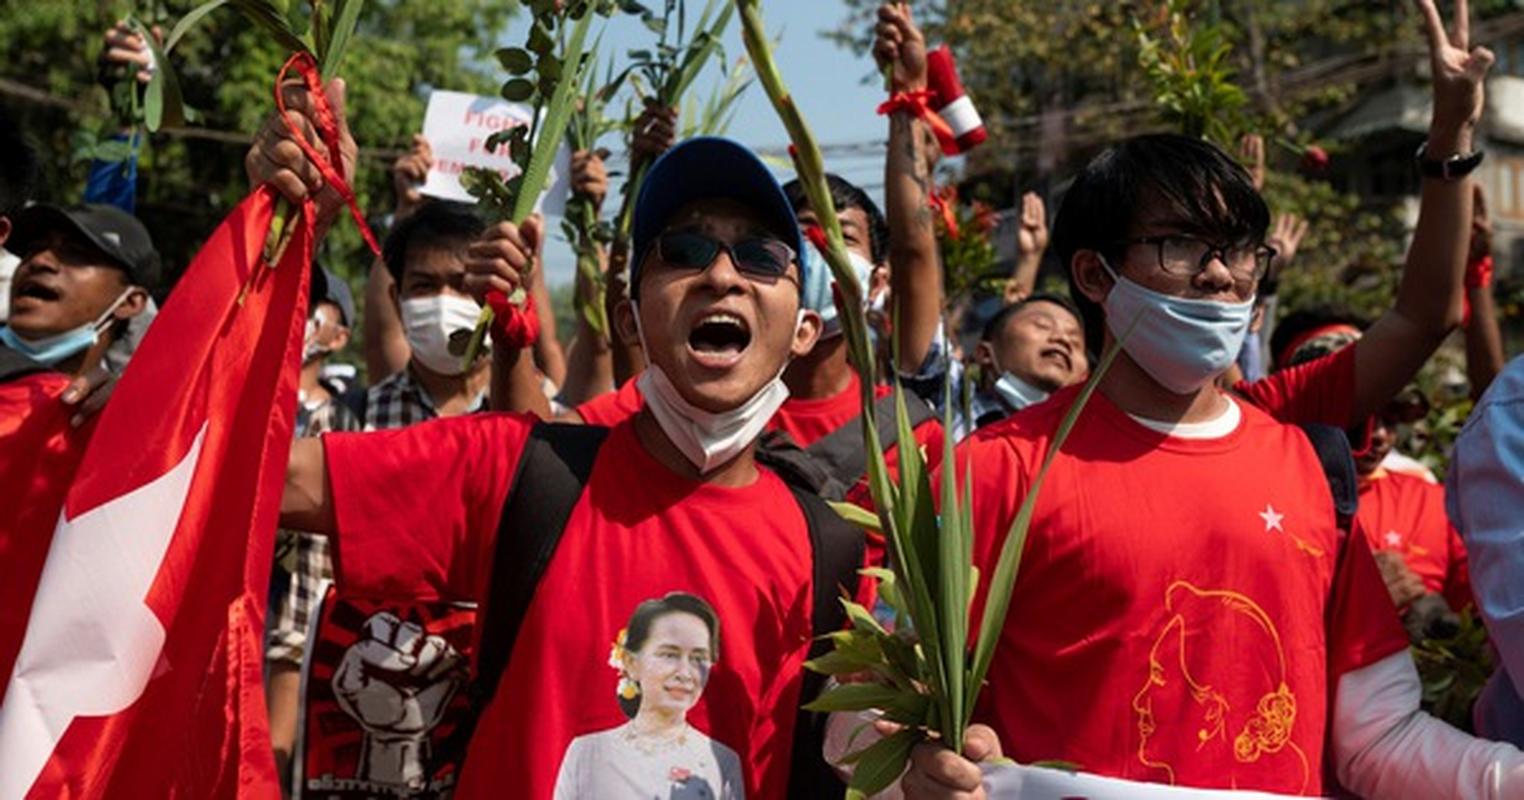 Facebook ngung hoat dong o Myanmar do bien co chinh tri-Hinh-5